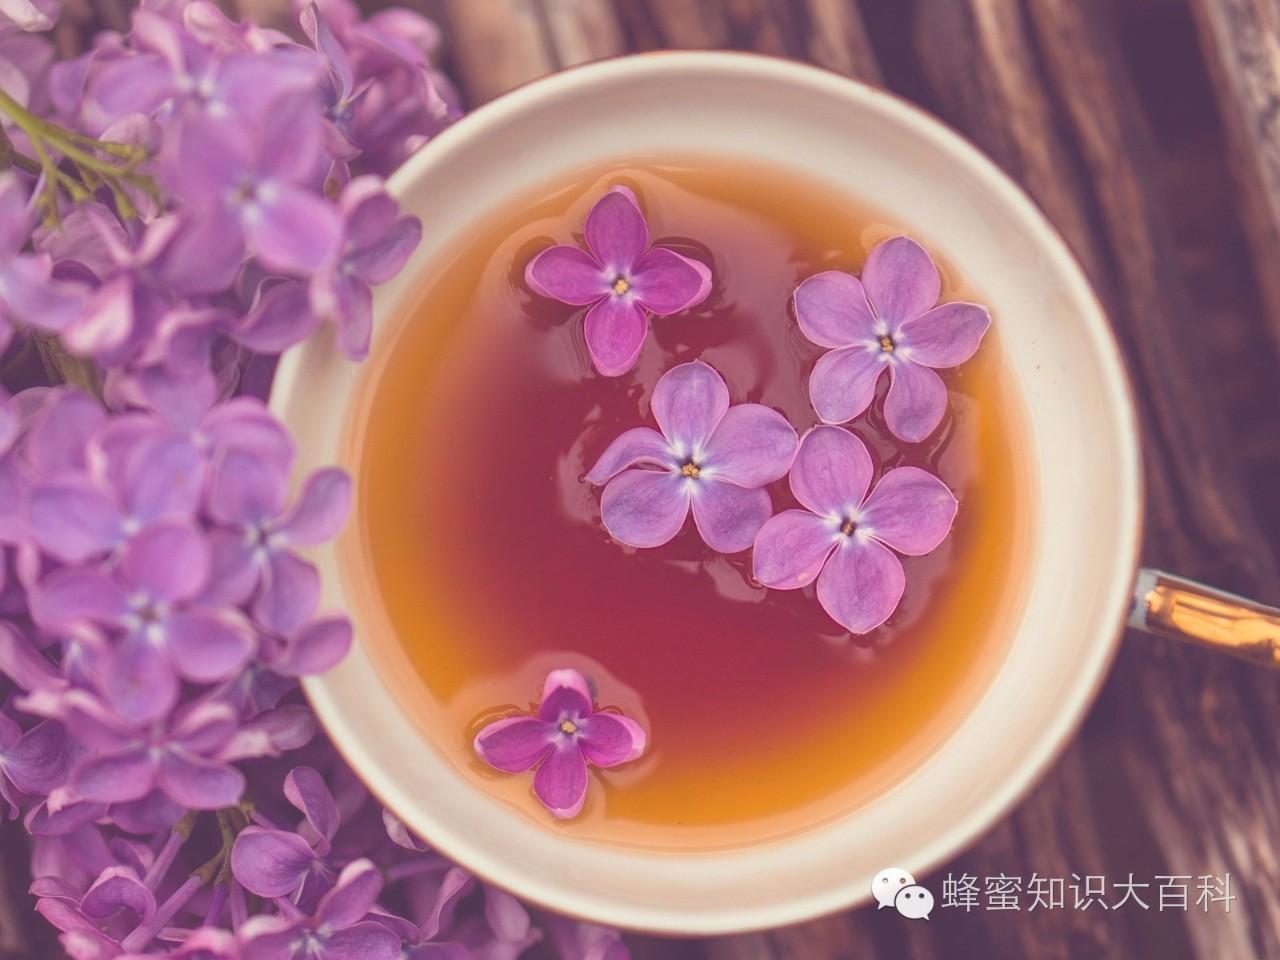 蜂蜜香皂 什么时侯喝蜂蜜水最好 山楂蜂蜜水 蜂蜜塑料瓶 花蜜